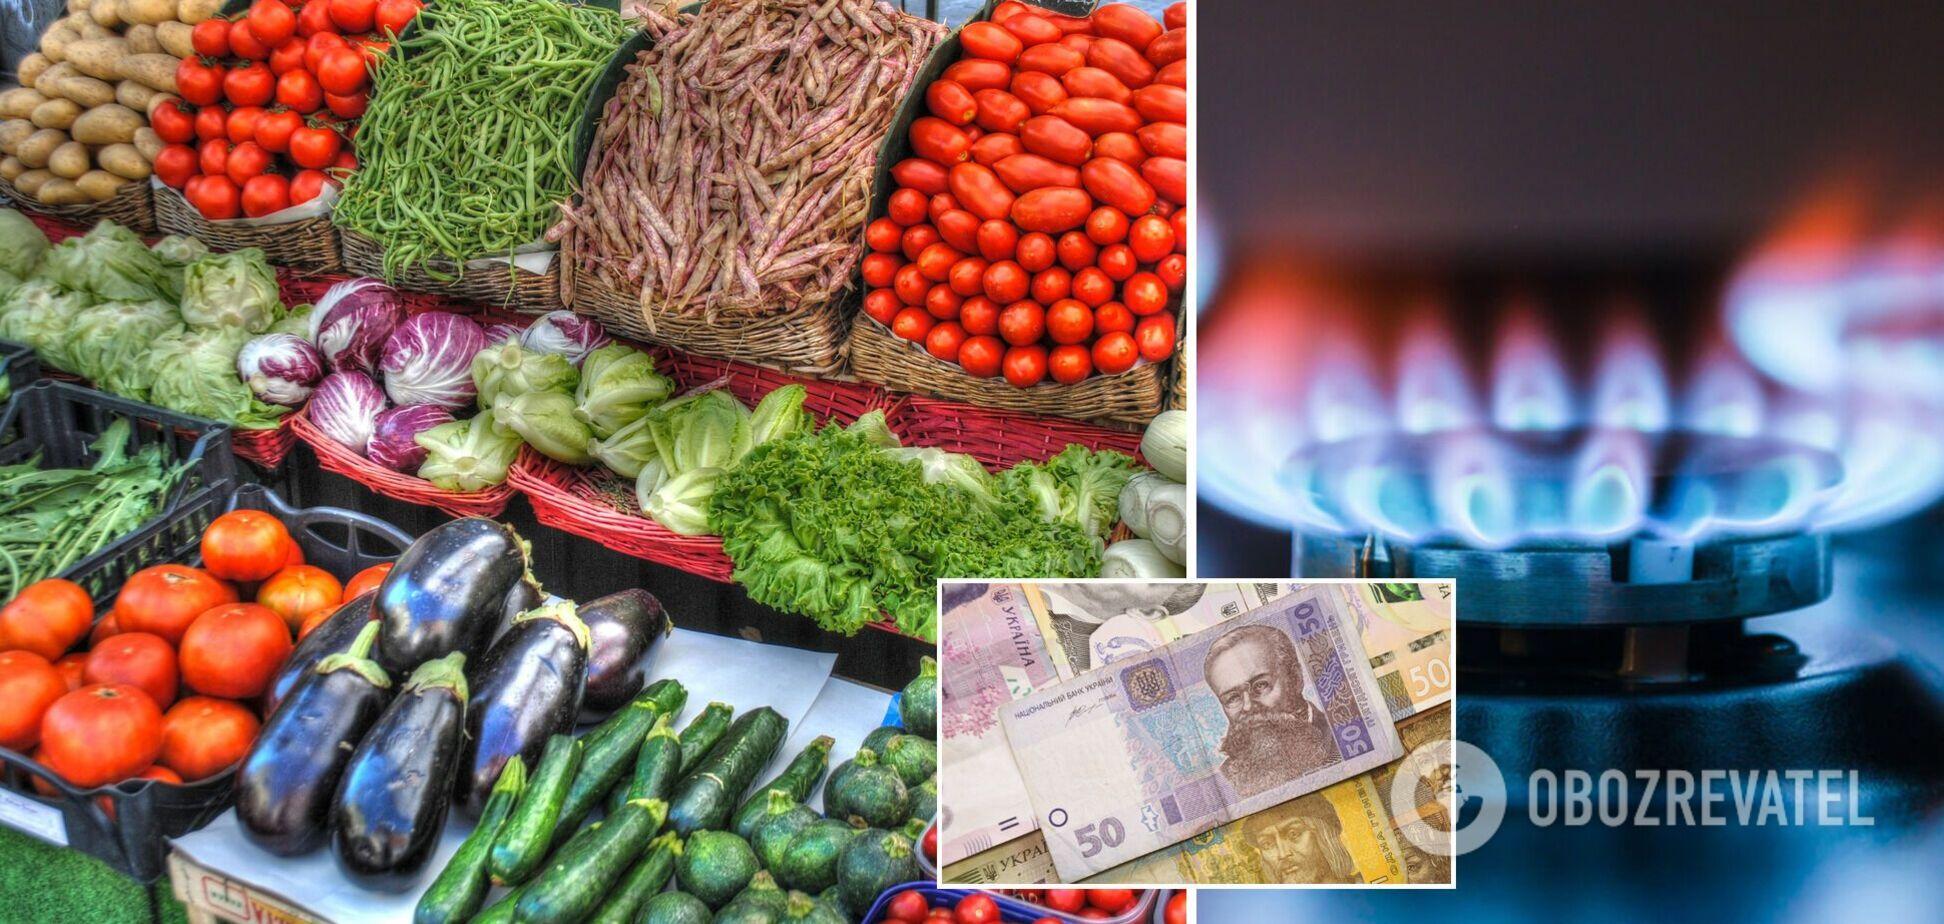 Ціни на овочі в Україні у 2022-му злетять через дорогий газ